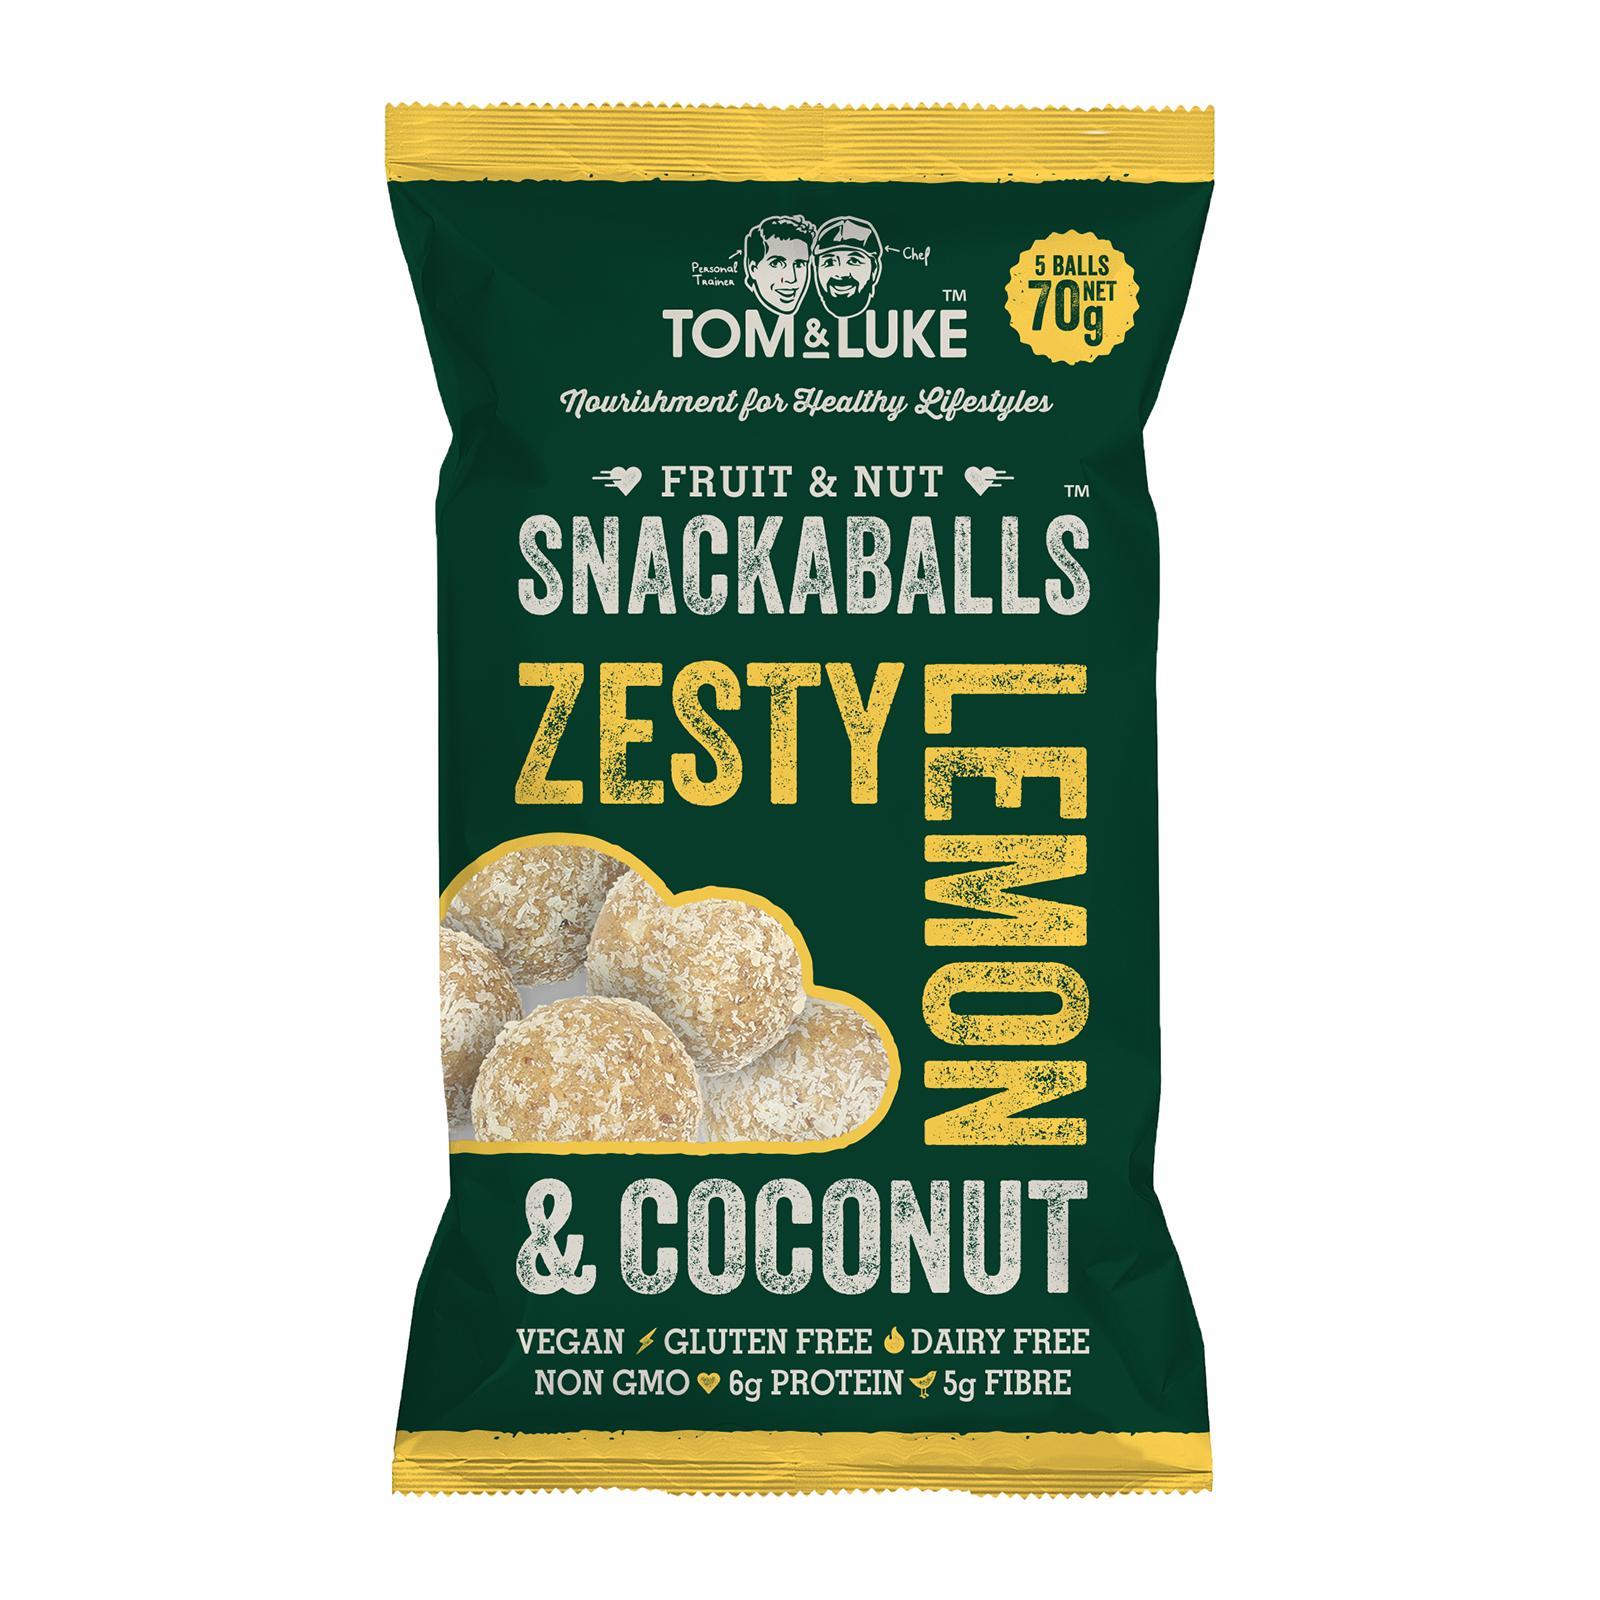 Tom & Luke Snackaball - Zesty Lemon